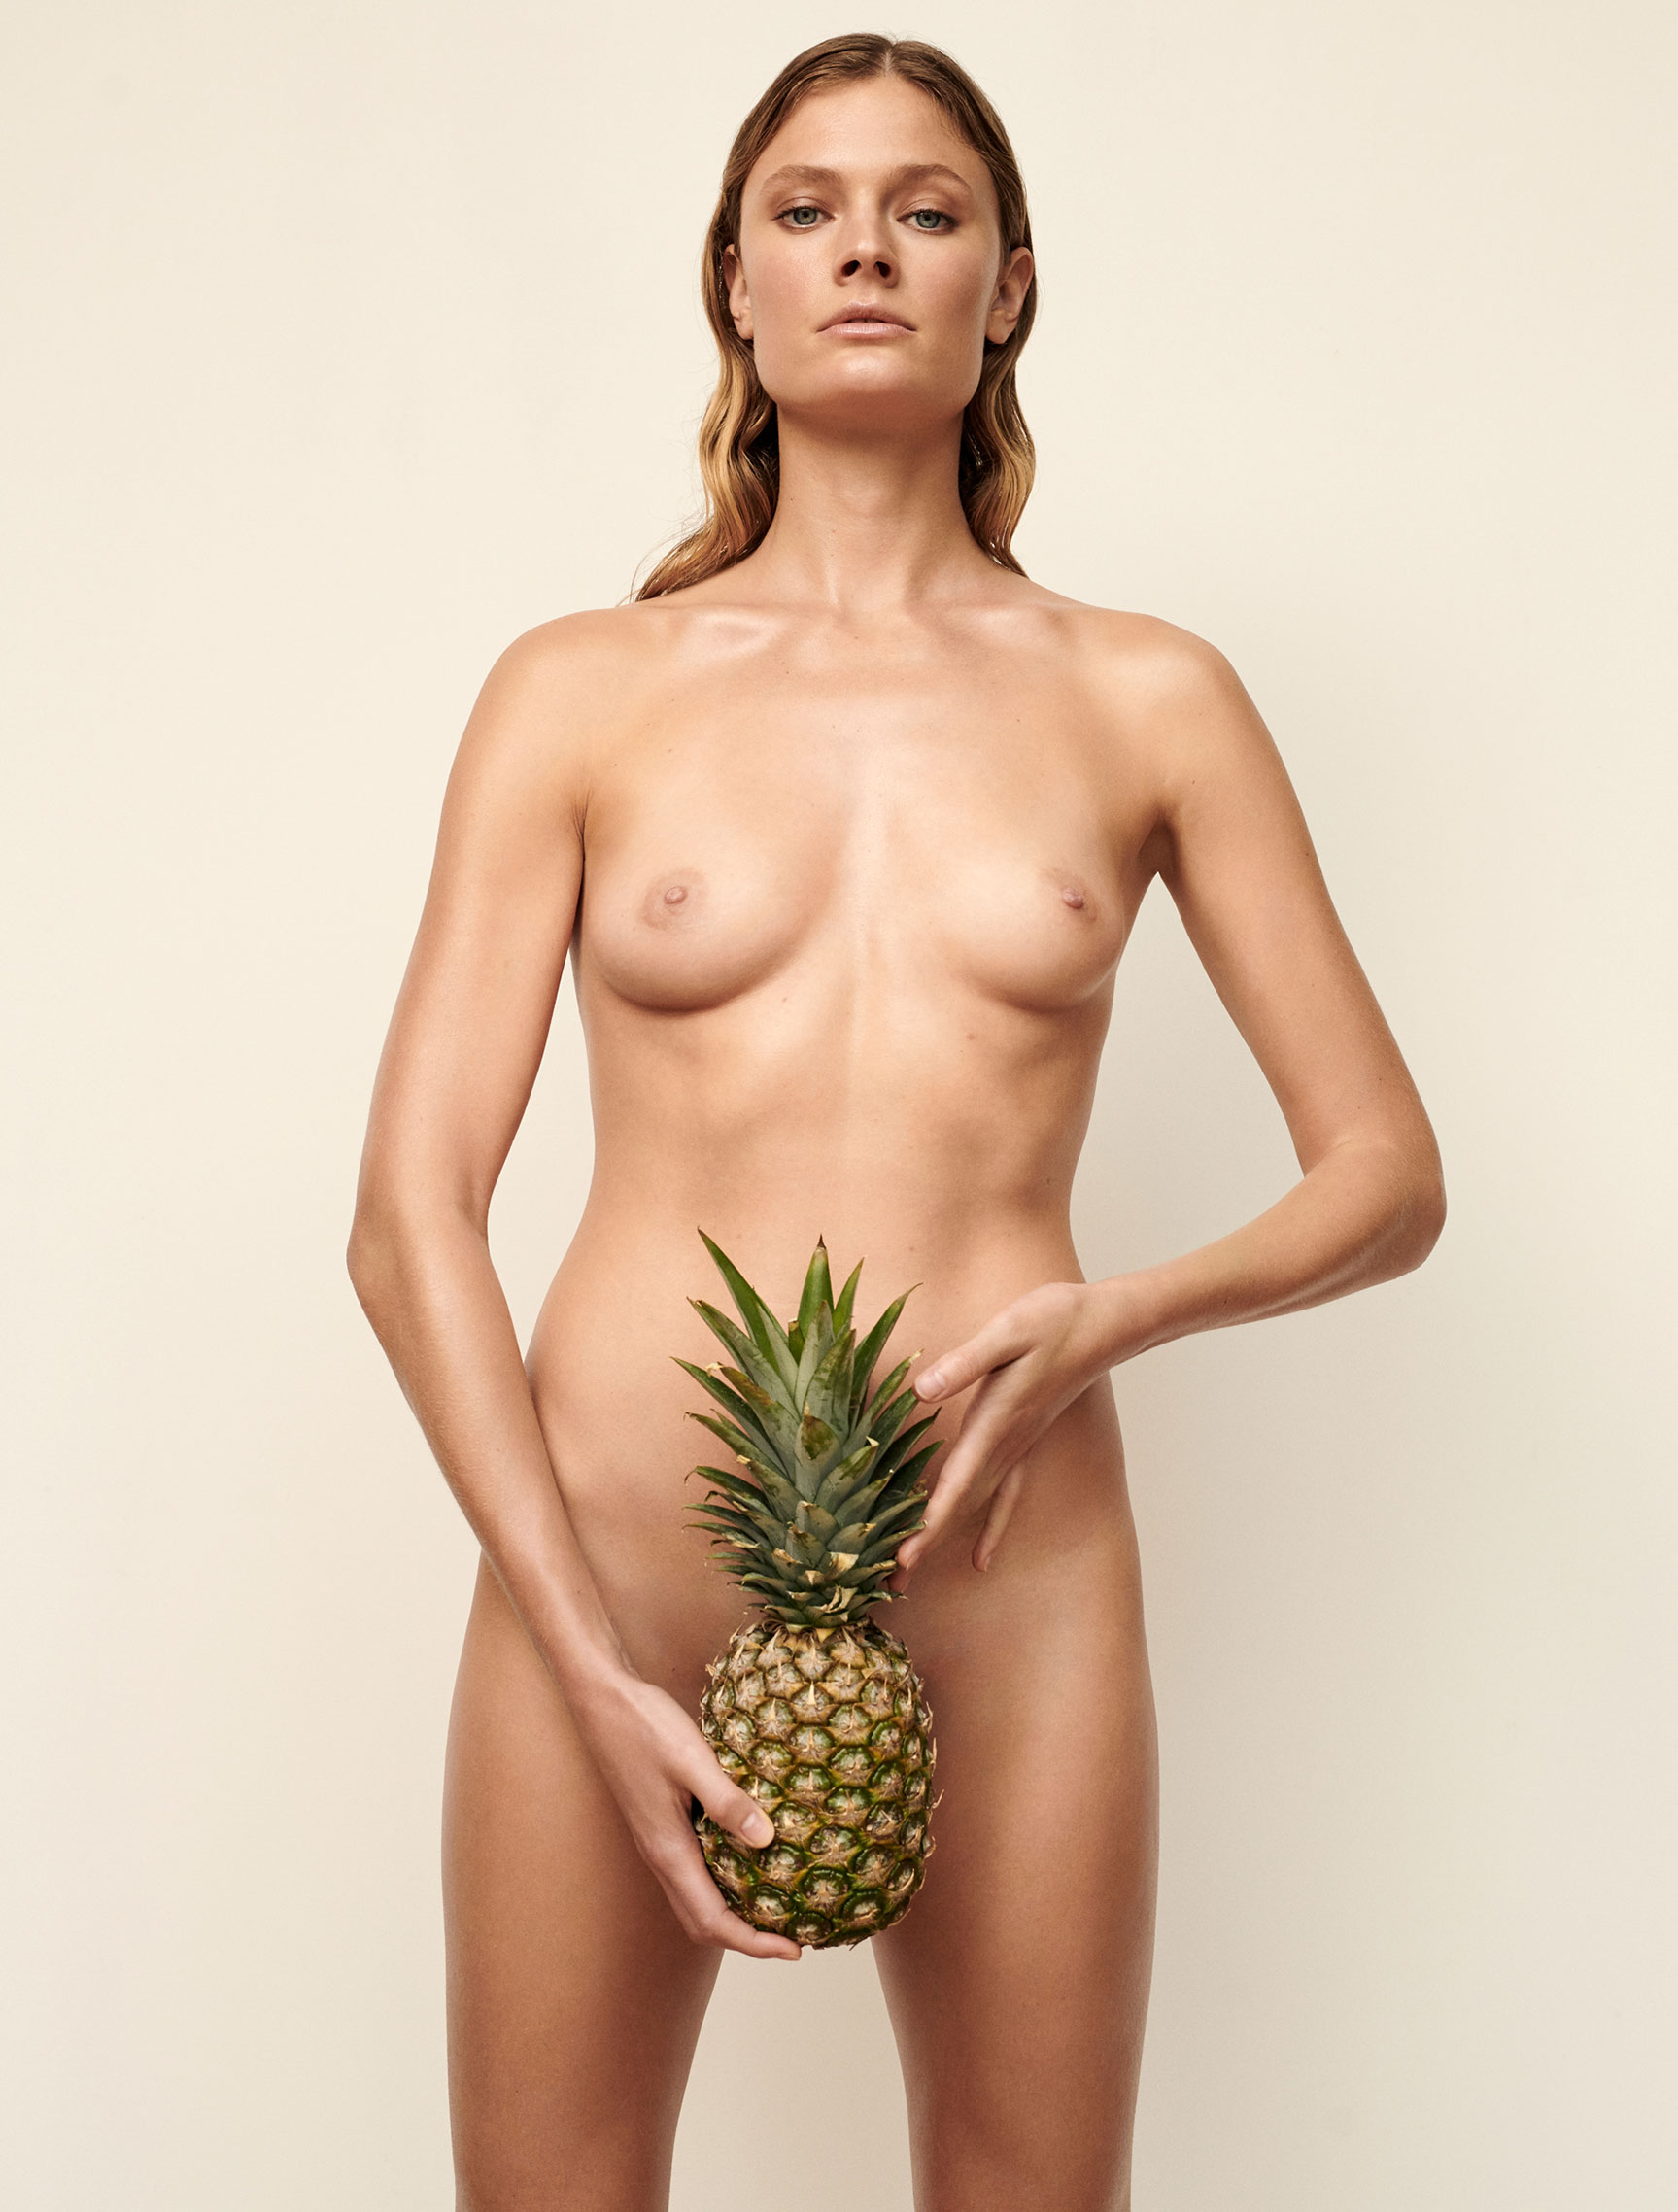 Полезная еда и голая женщина / фото 01